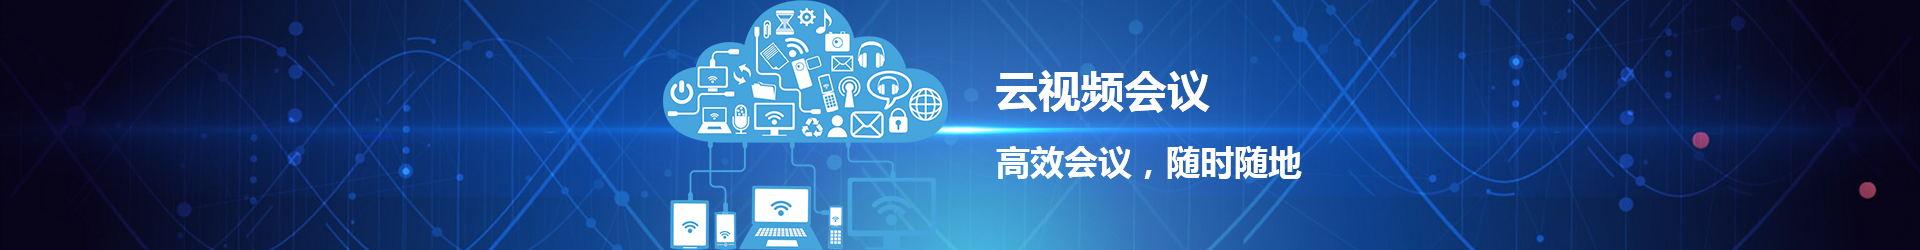 重庆视频会议软件